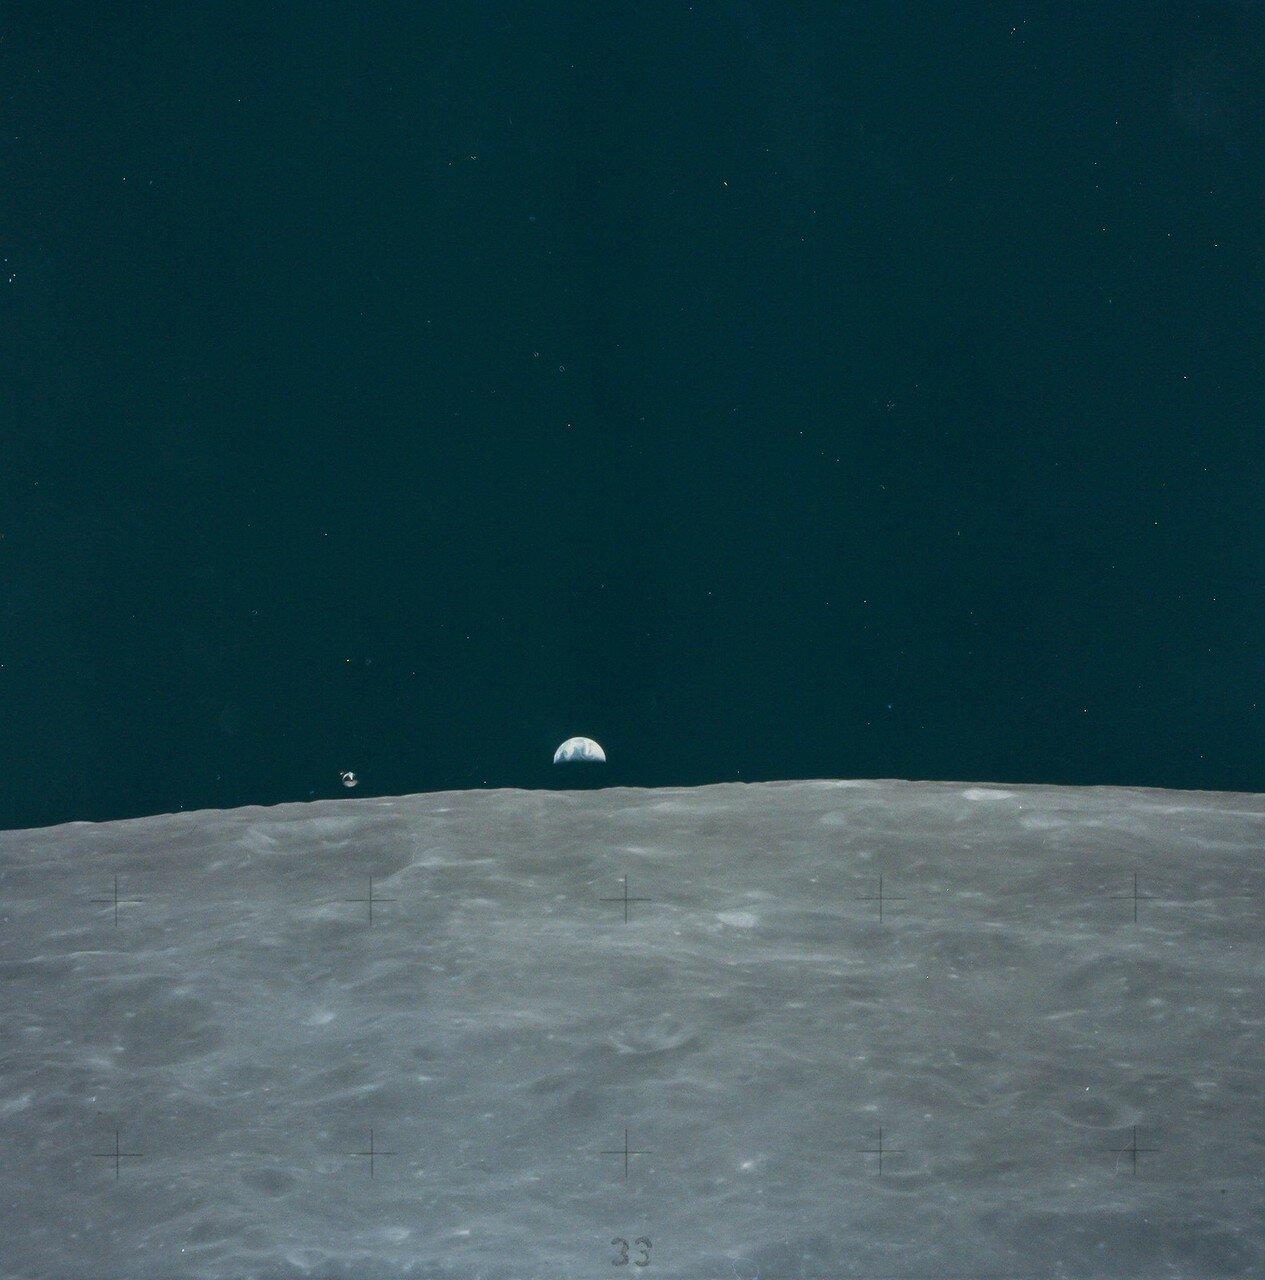 Двигатель взлётной ступени отработал 427,8 секунды и вывел корабль на орбиту с апоселением 74,5 км и периселением 14,6 км. На снимке: Земля поднимается над лунным горизонтом, КМ слева от Земли. Эта фотография была сделана из ЛМ